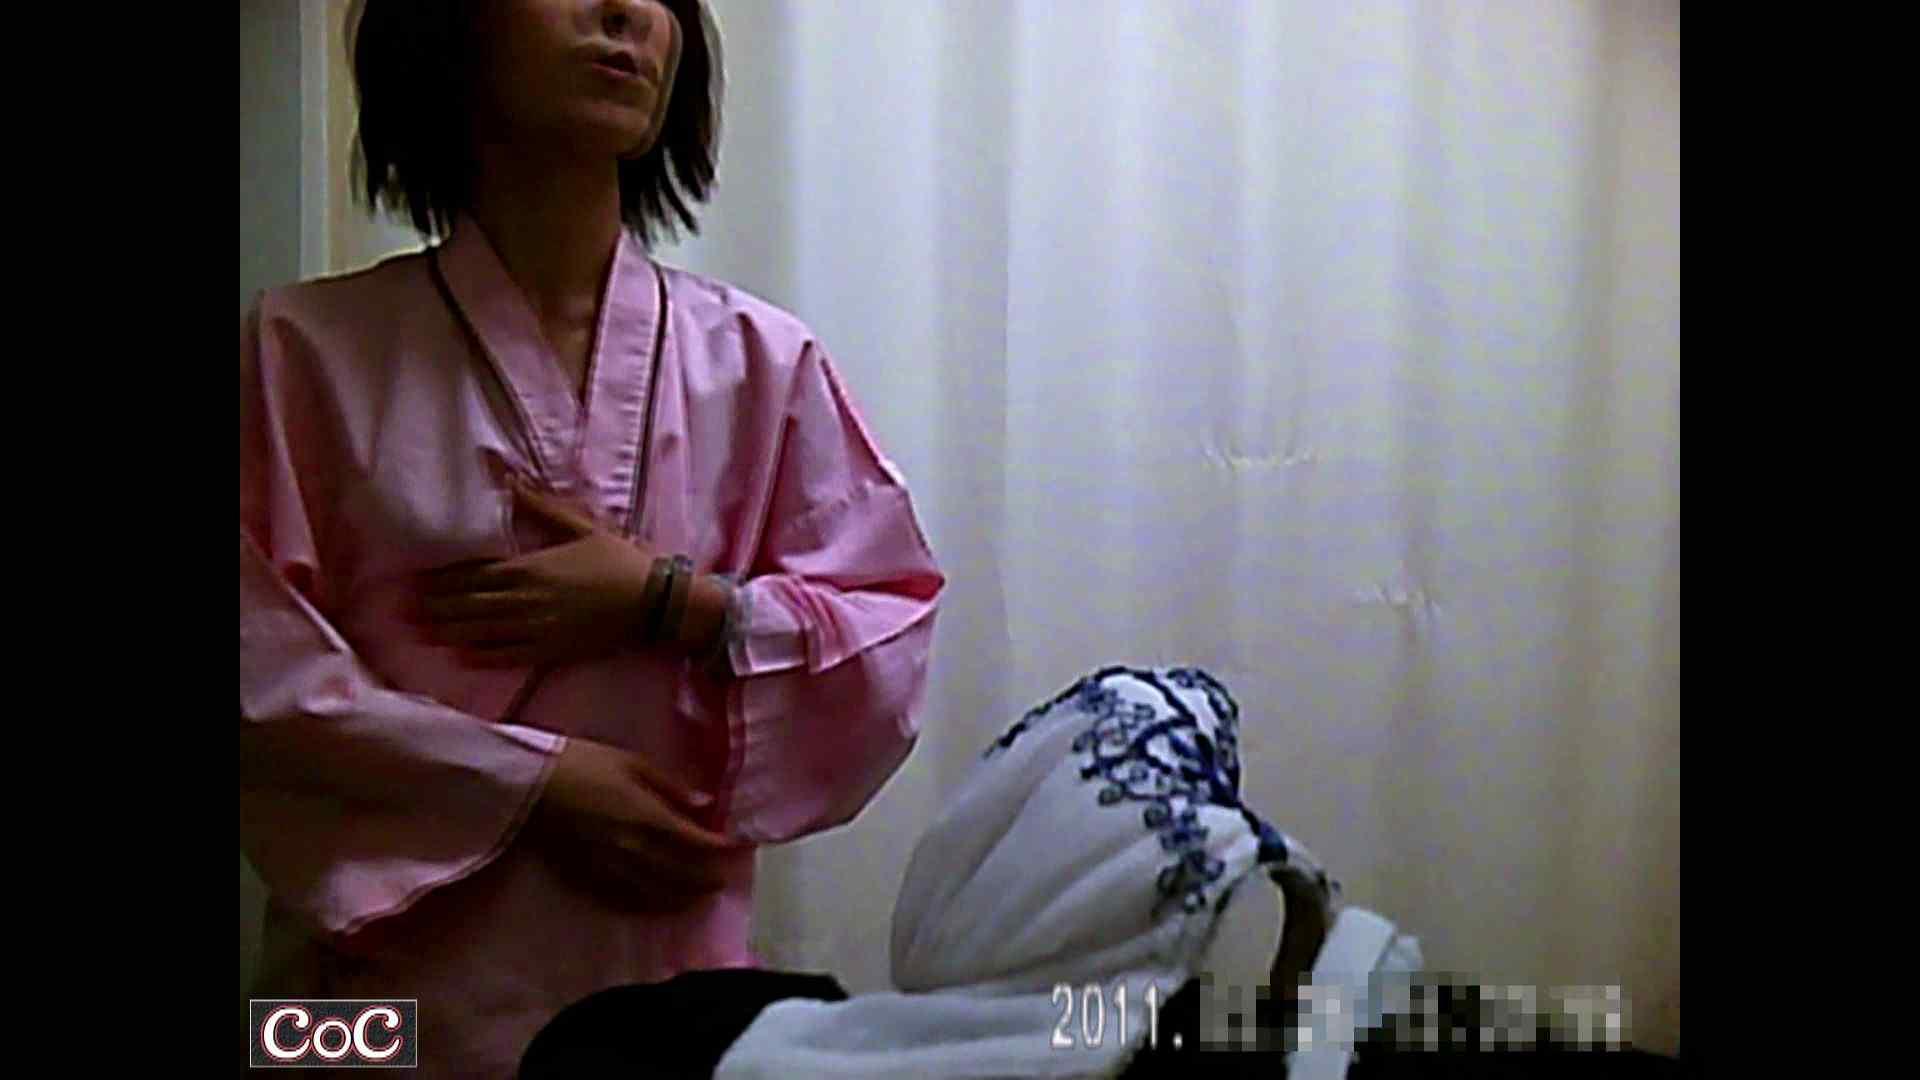 病院おもいっきり着替え! vol.133 巨乳 のぞきおめこ無修正画像 101PICs 62